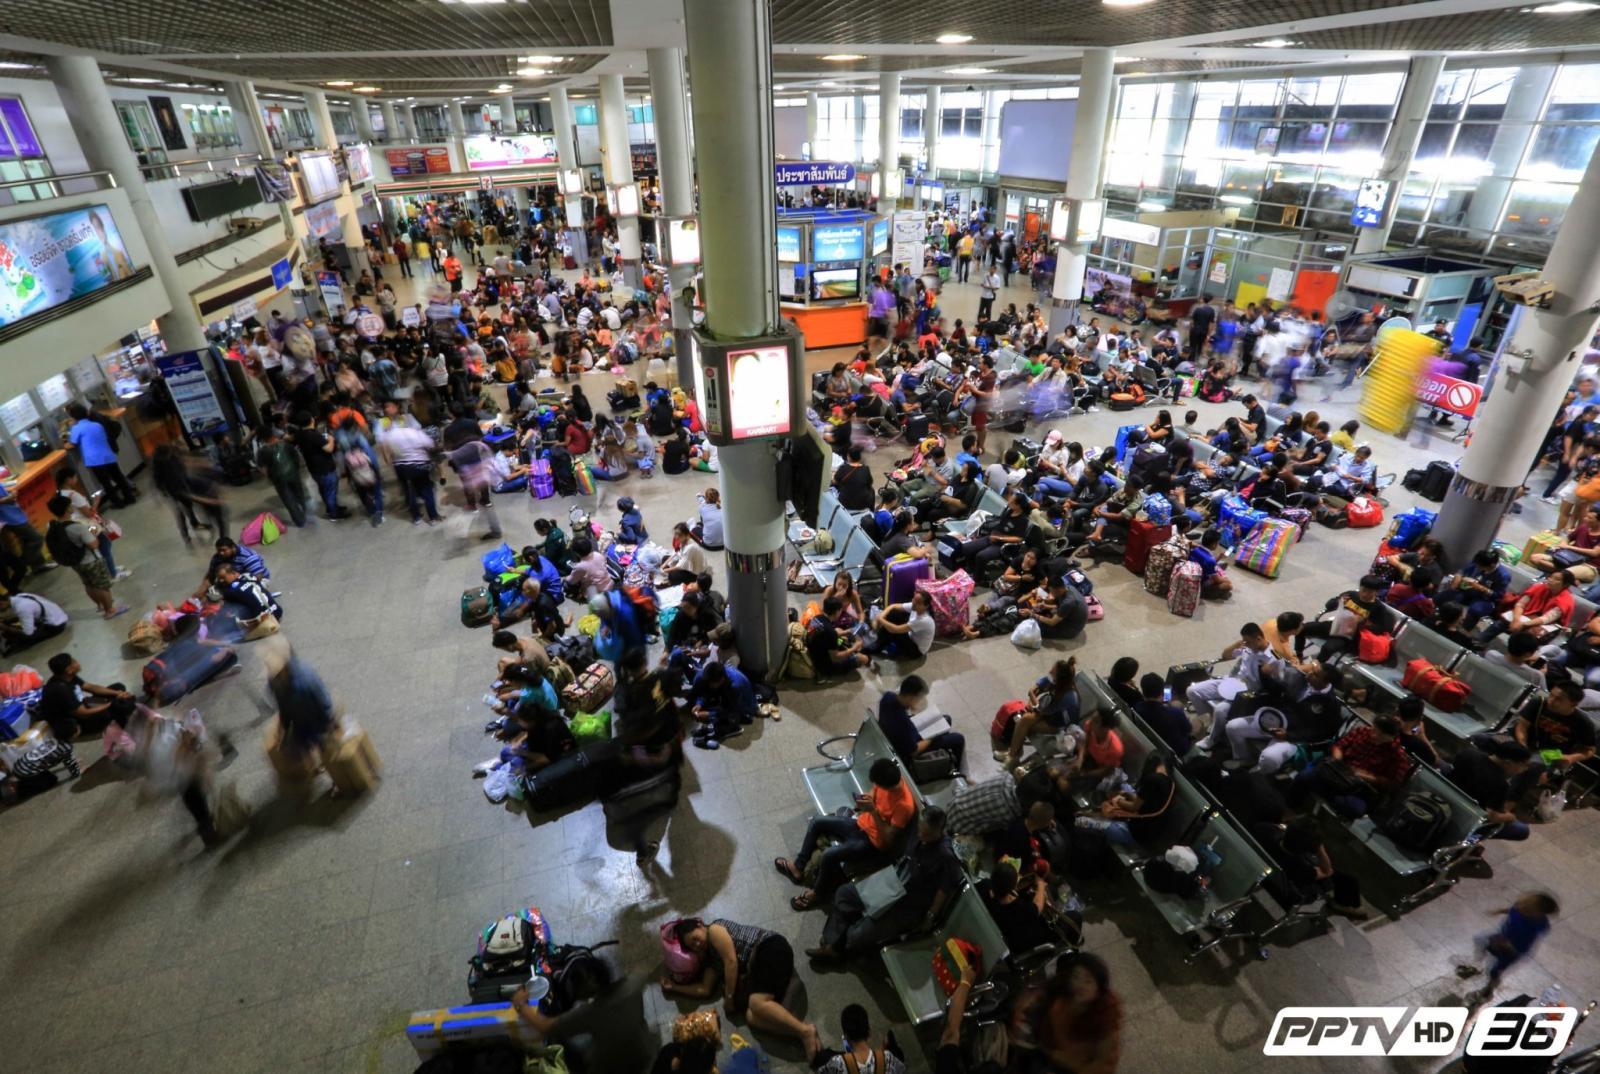 ประชาชนทยอยเดินทางกลับเข้ากรุงเทพมหานคร